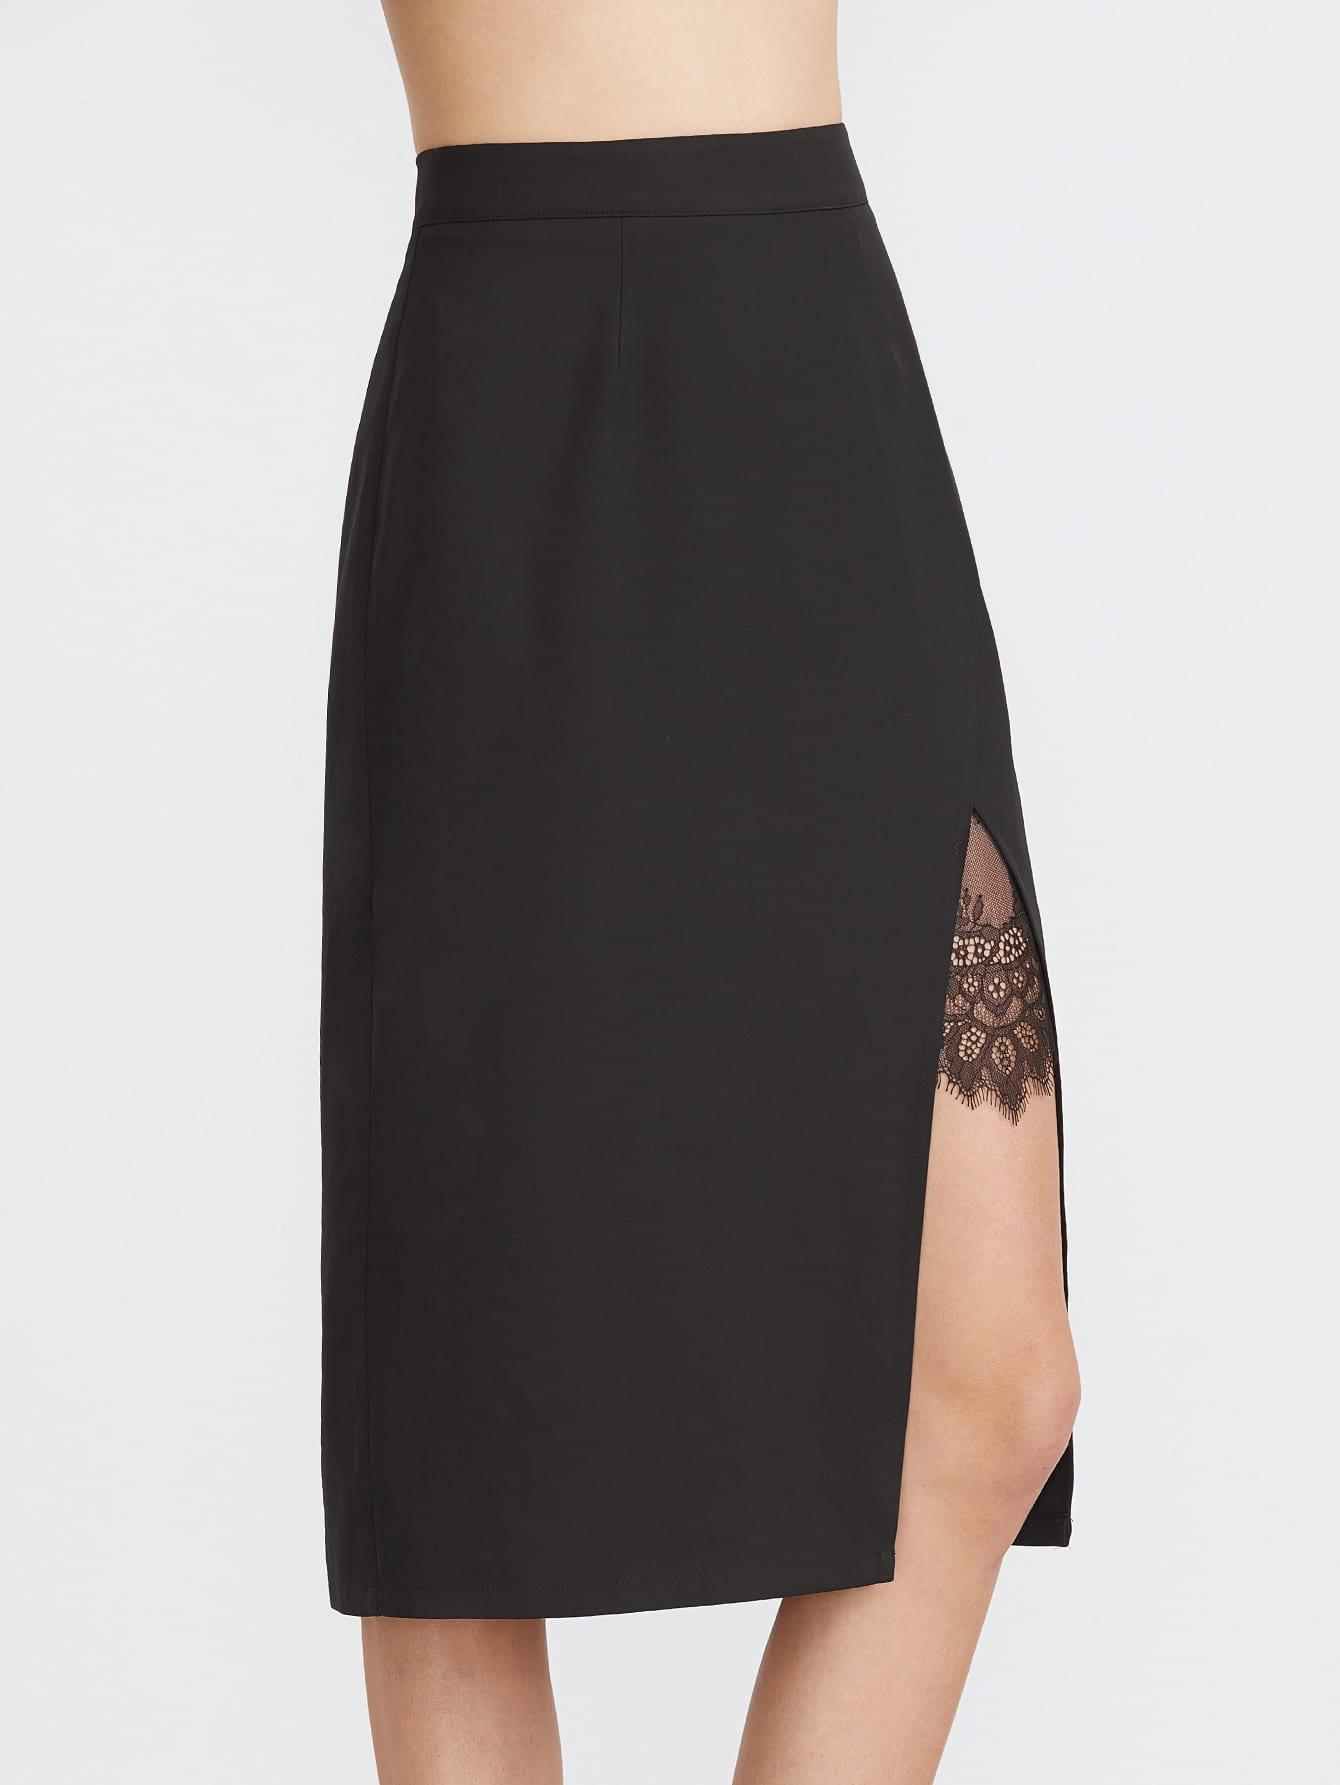 skirt161215702_2